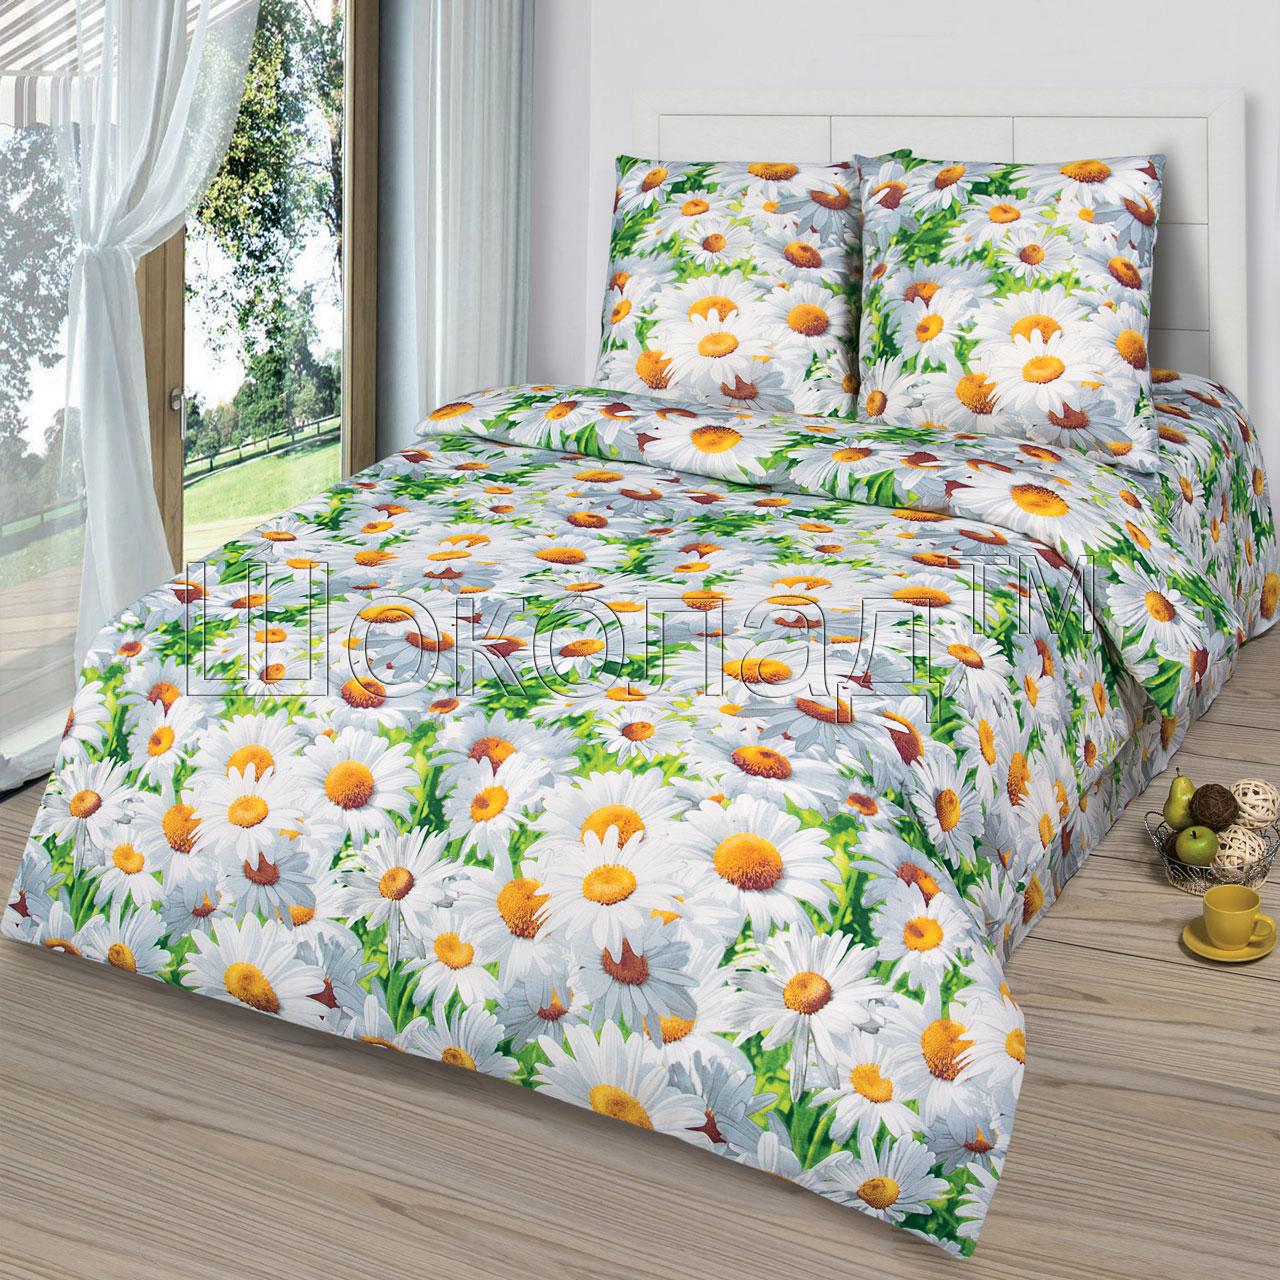 Комплект постельного белья Офелия из бязиБязь<br><br><br>Размер: 1,5сп (2 нав.70х70)